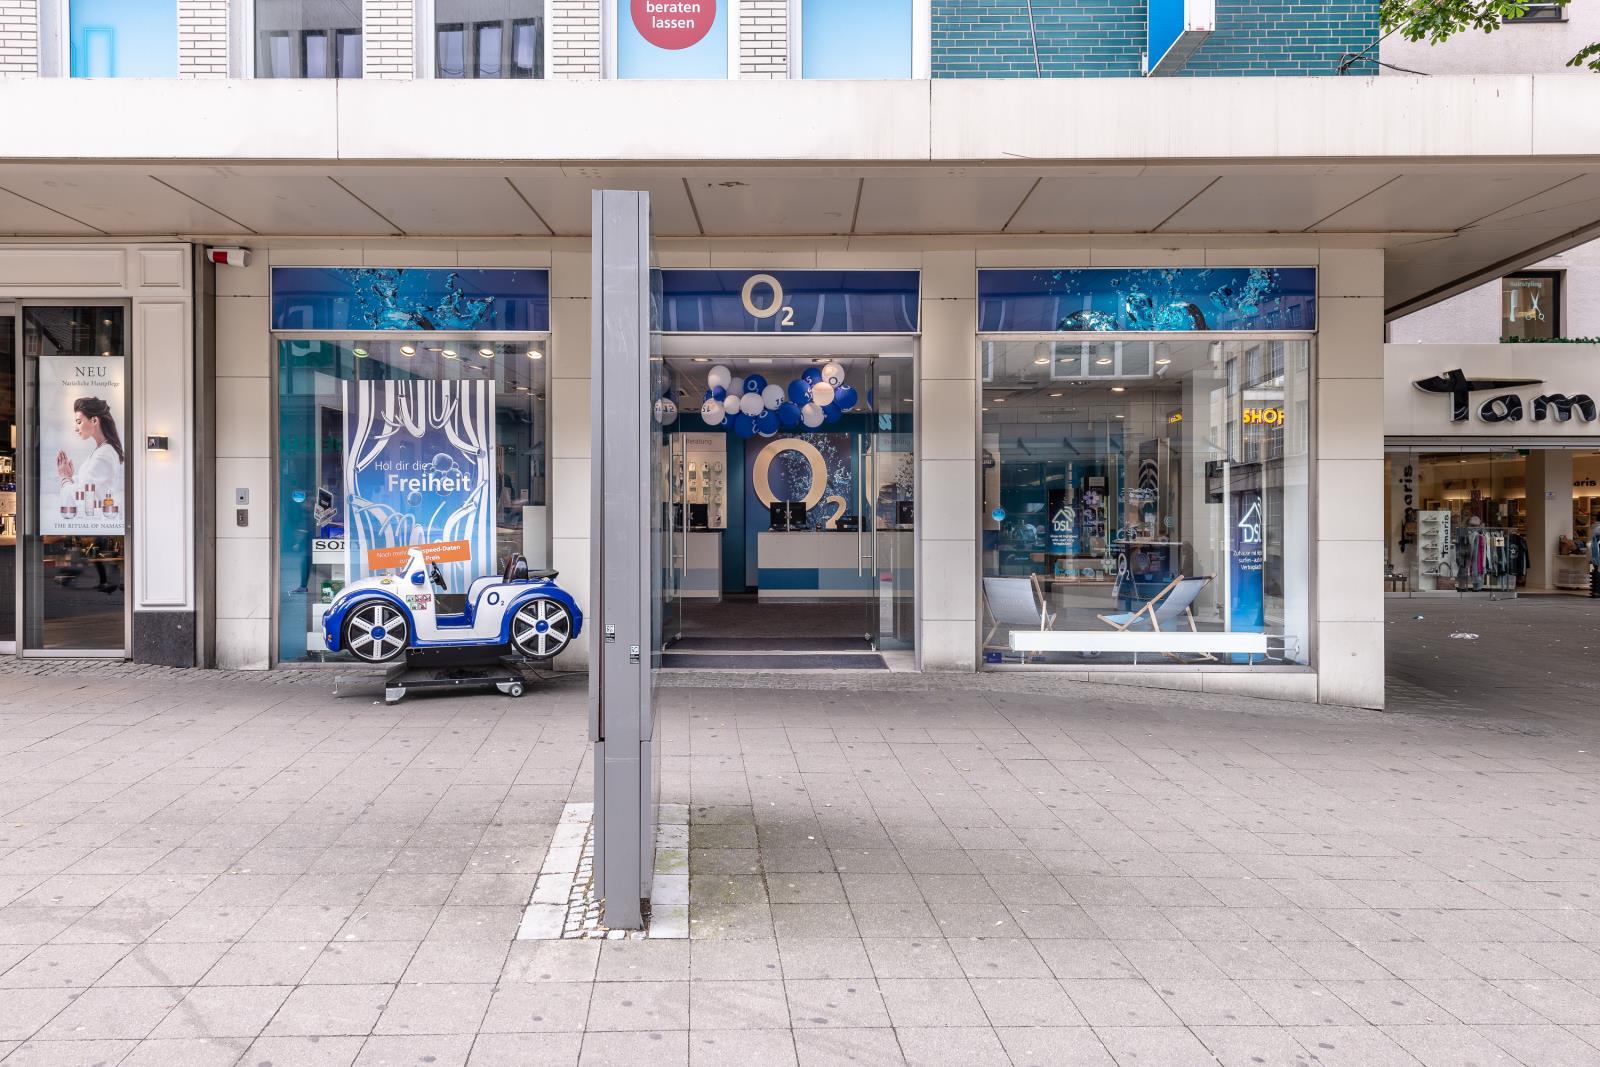 o2 Shop Essen